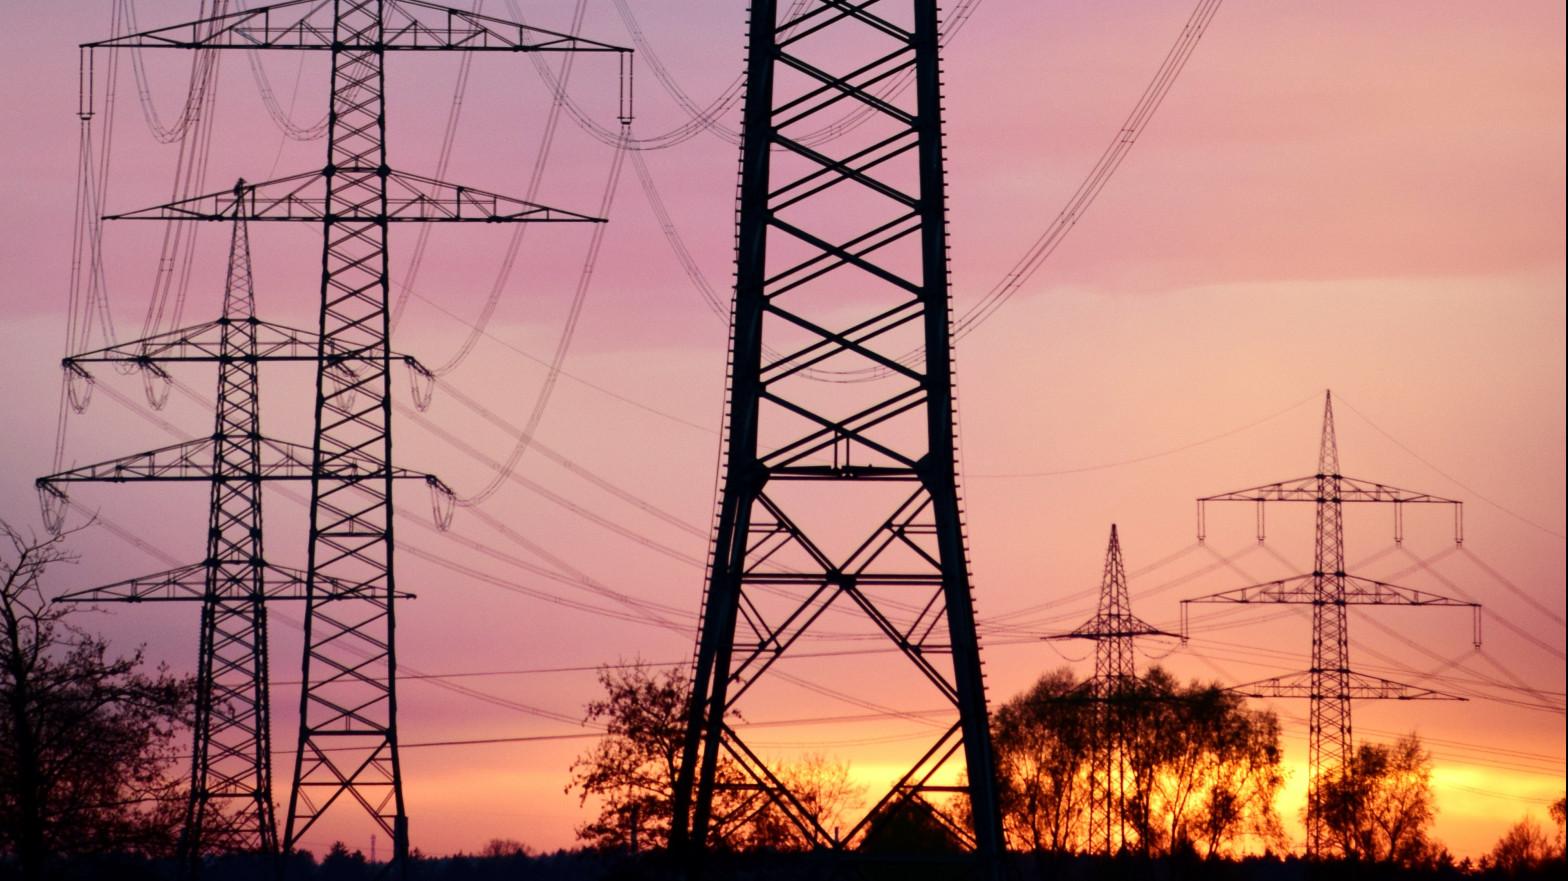 El precio de la electricidad bate mañana su récord anual en sábado